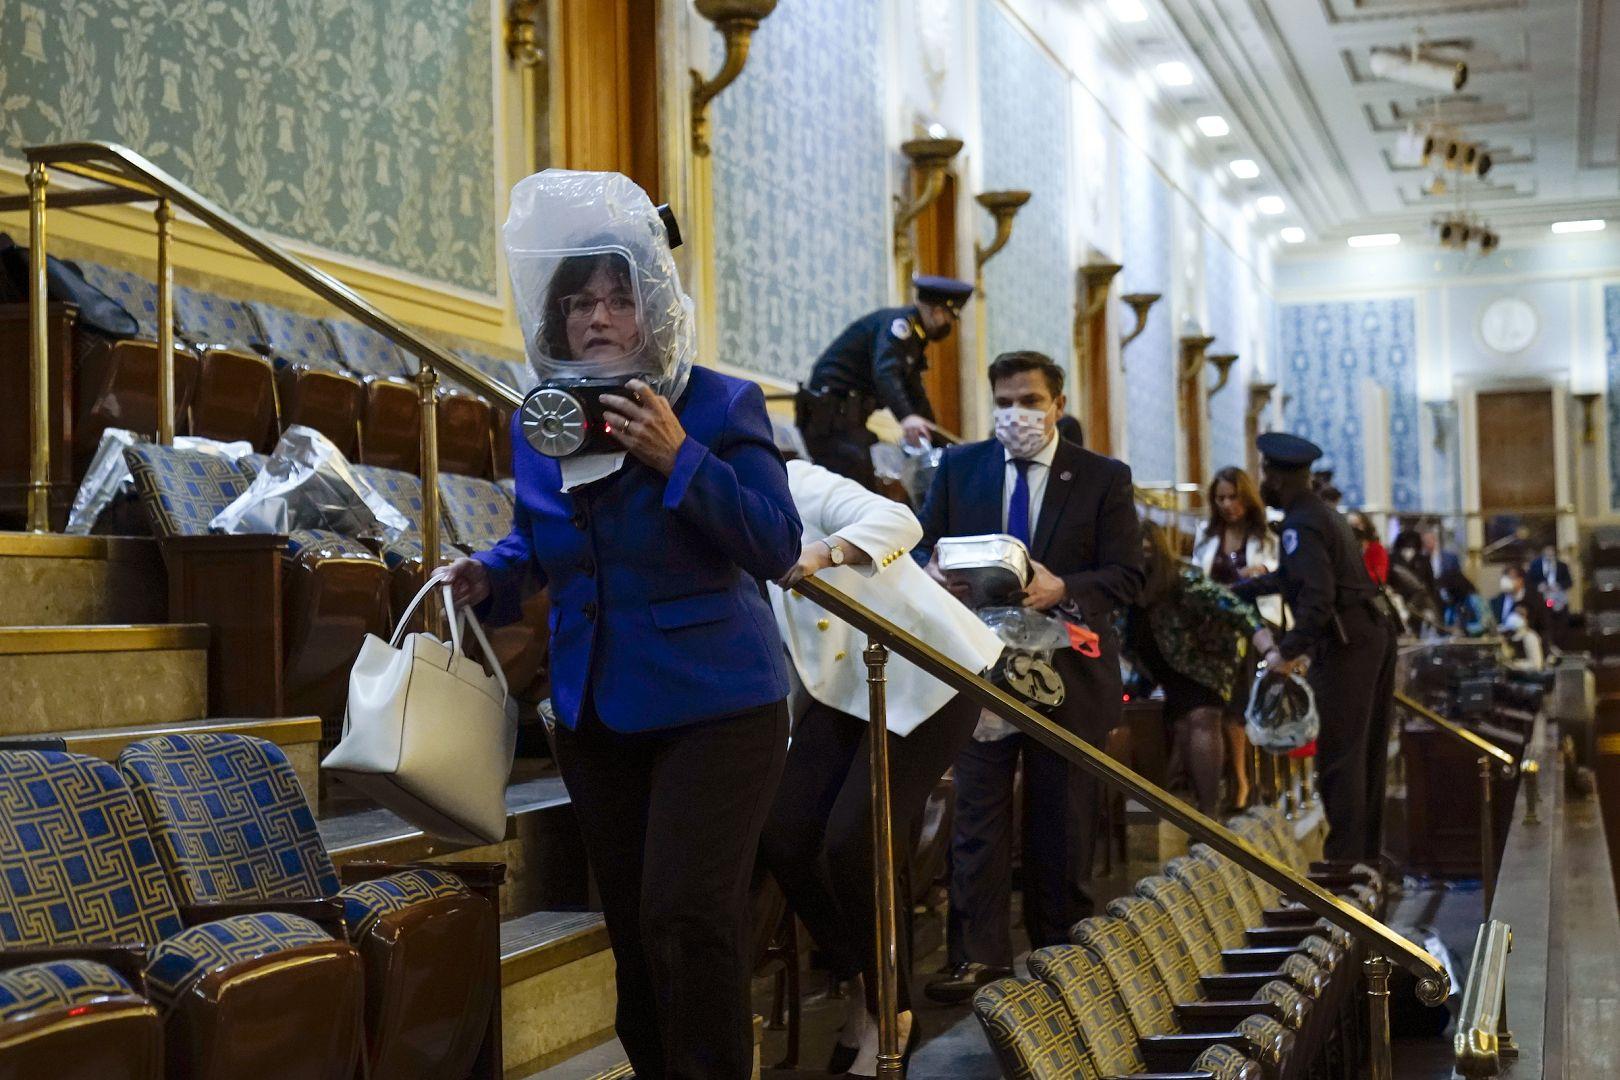 Orang-orang berlindung di galeri House saat pengunjuk rasa hendak masuk ke House Chamber di US Capitol di Washington, AS. 6 Januari 2021